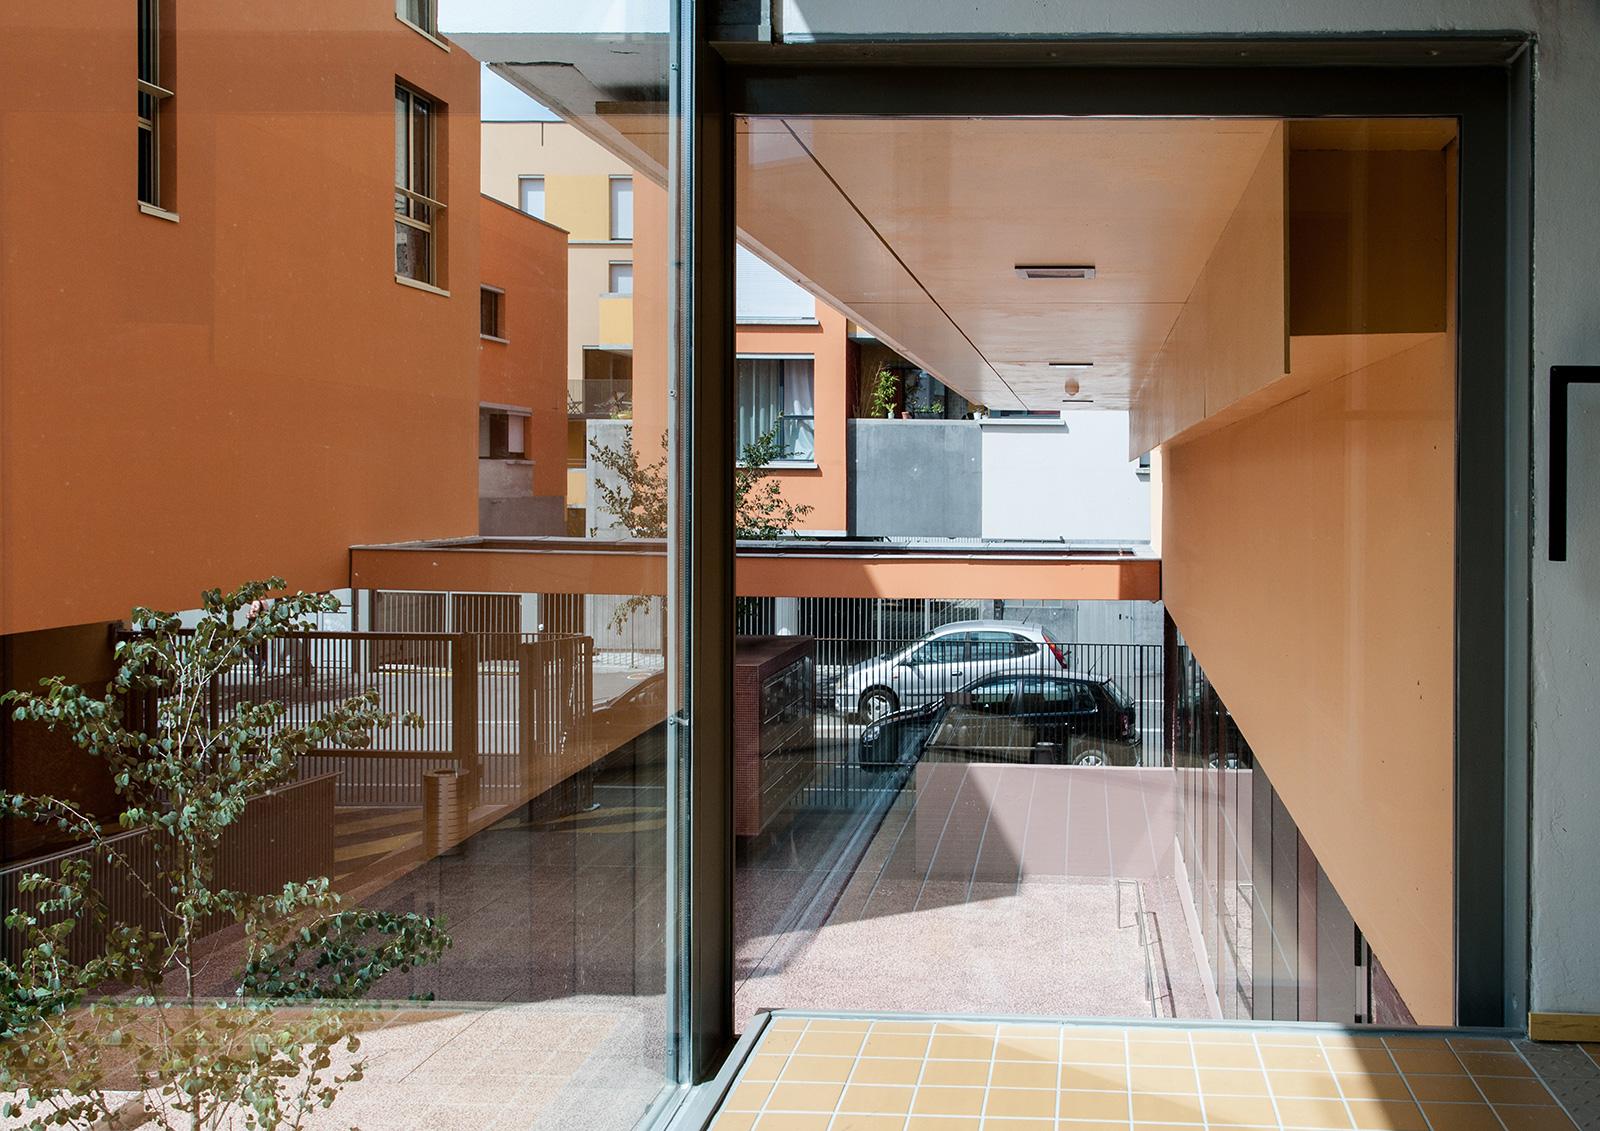 06-germe-et-jam-RJC-rennes-immeuble-cartier-parties-communes-cage-escalier-sur-cour